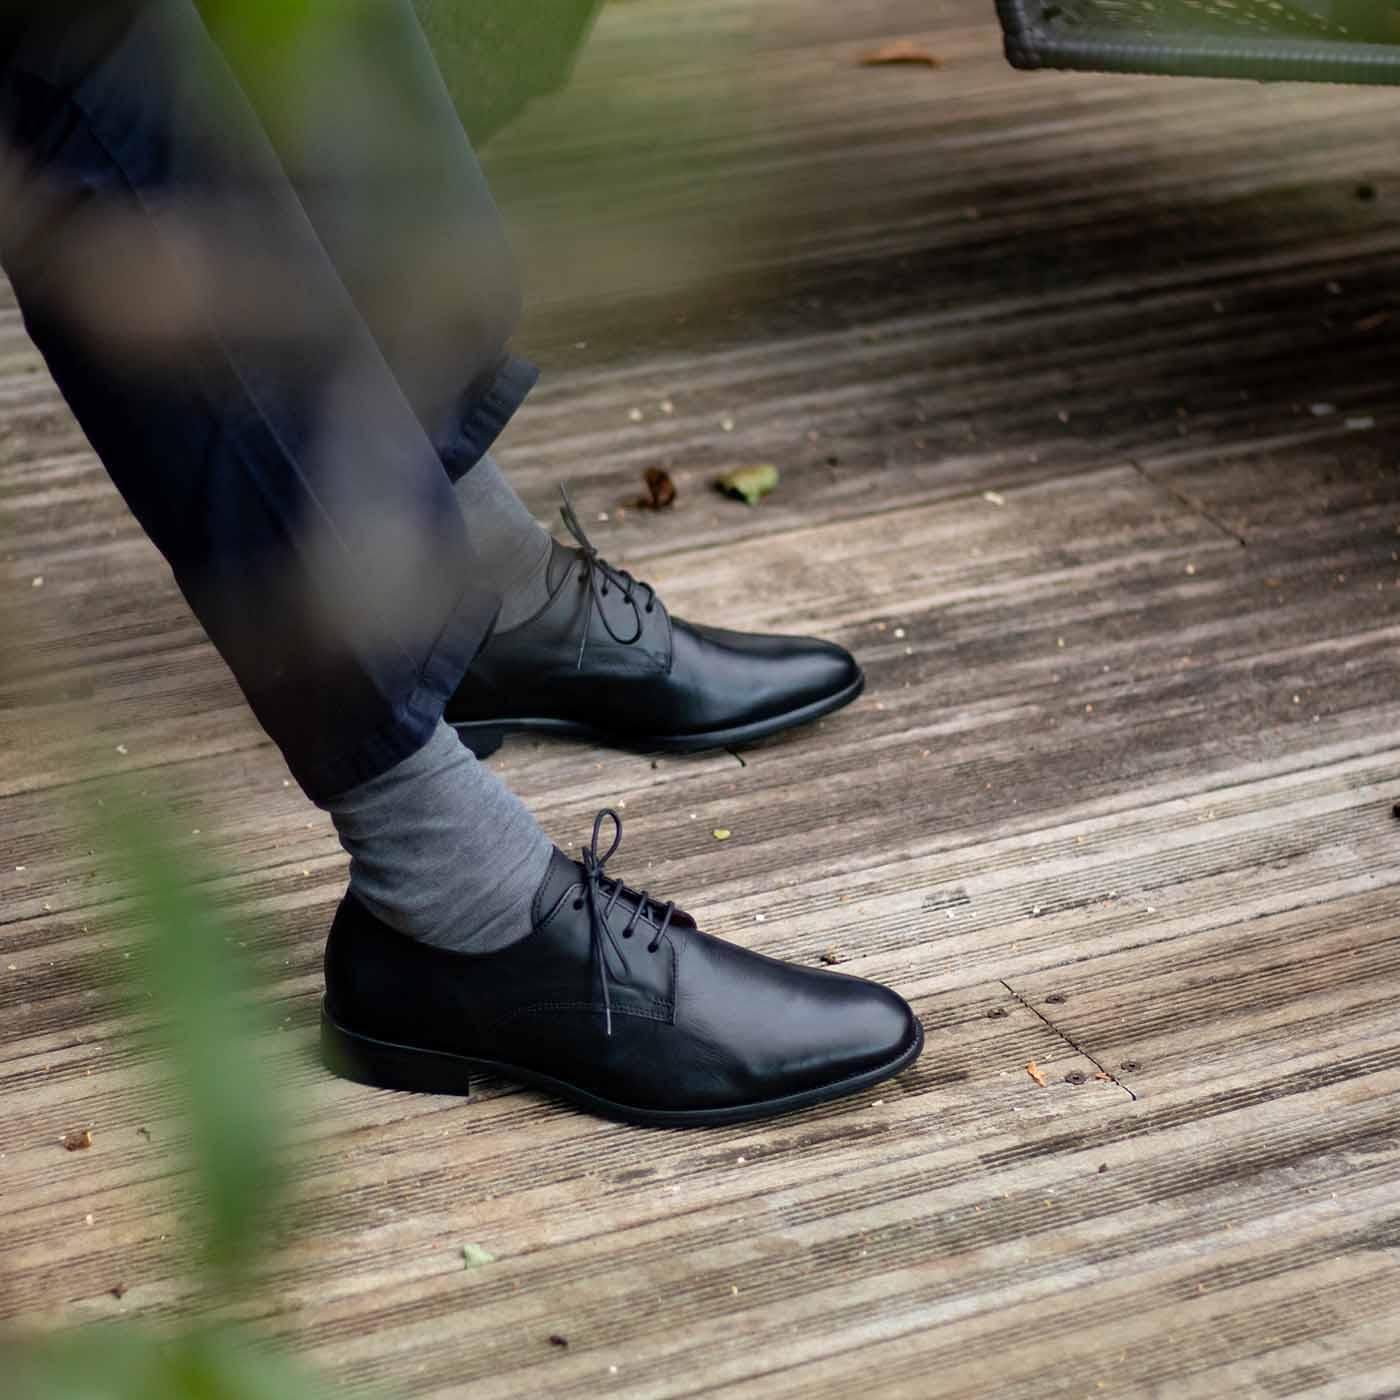 Chaussures personnalisées pour uniforme